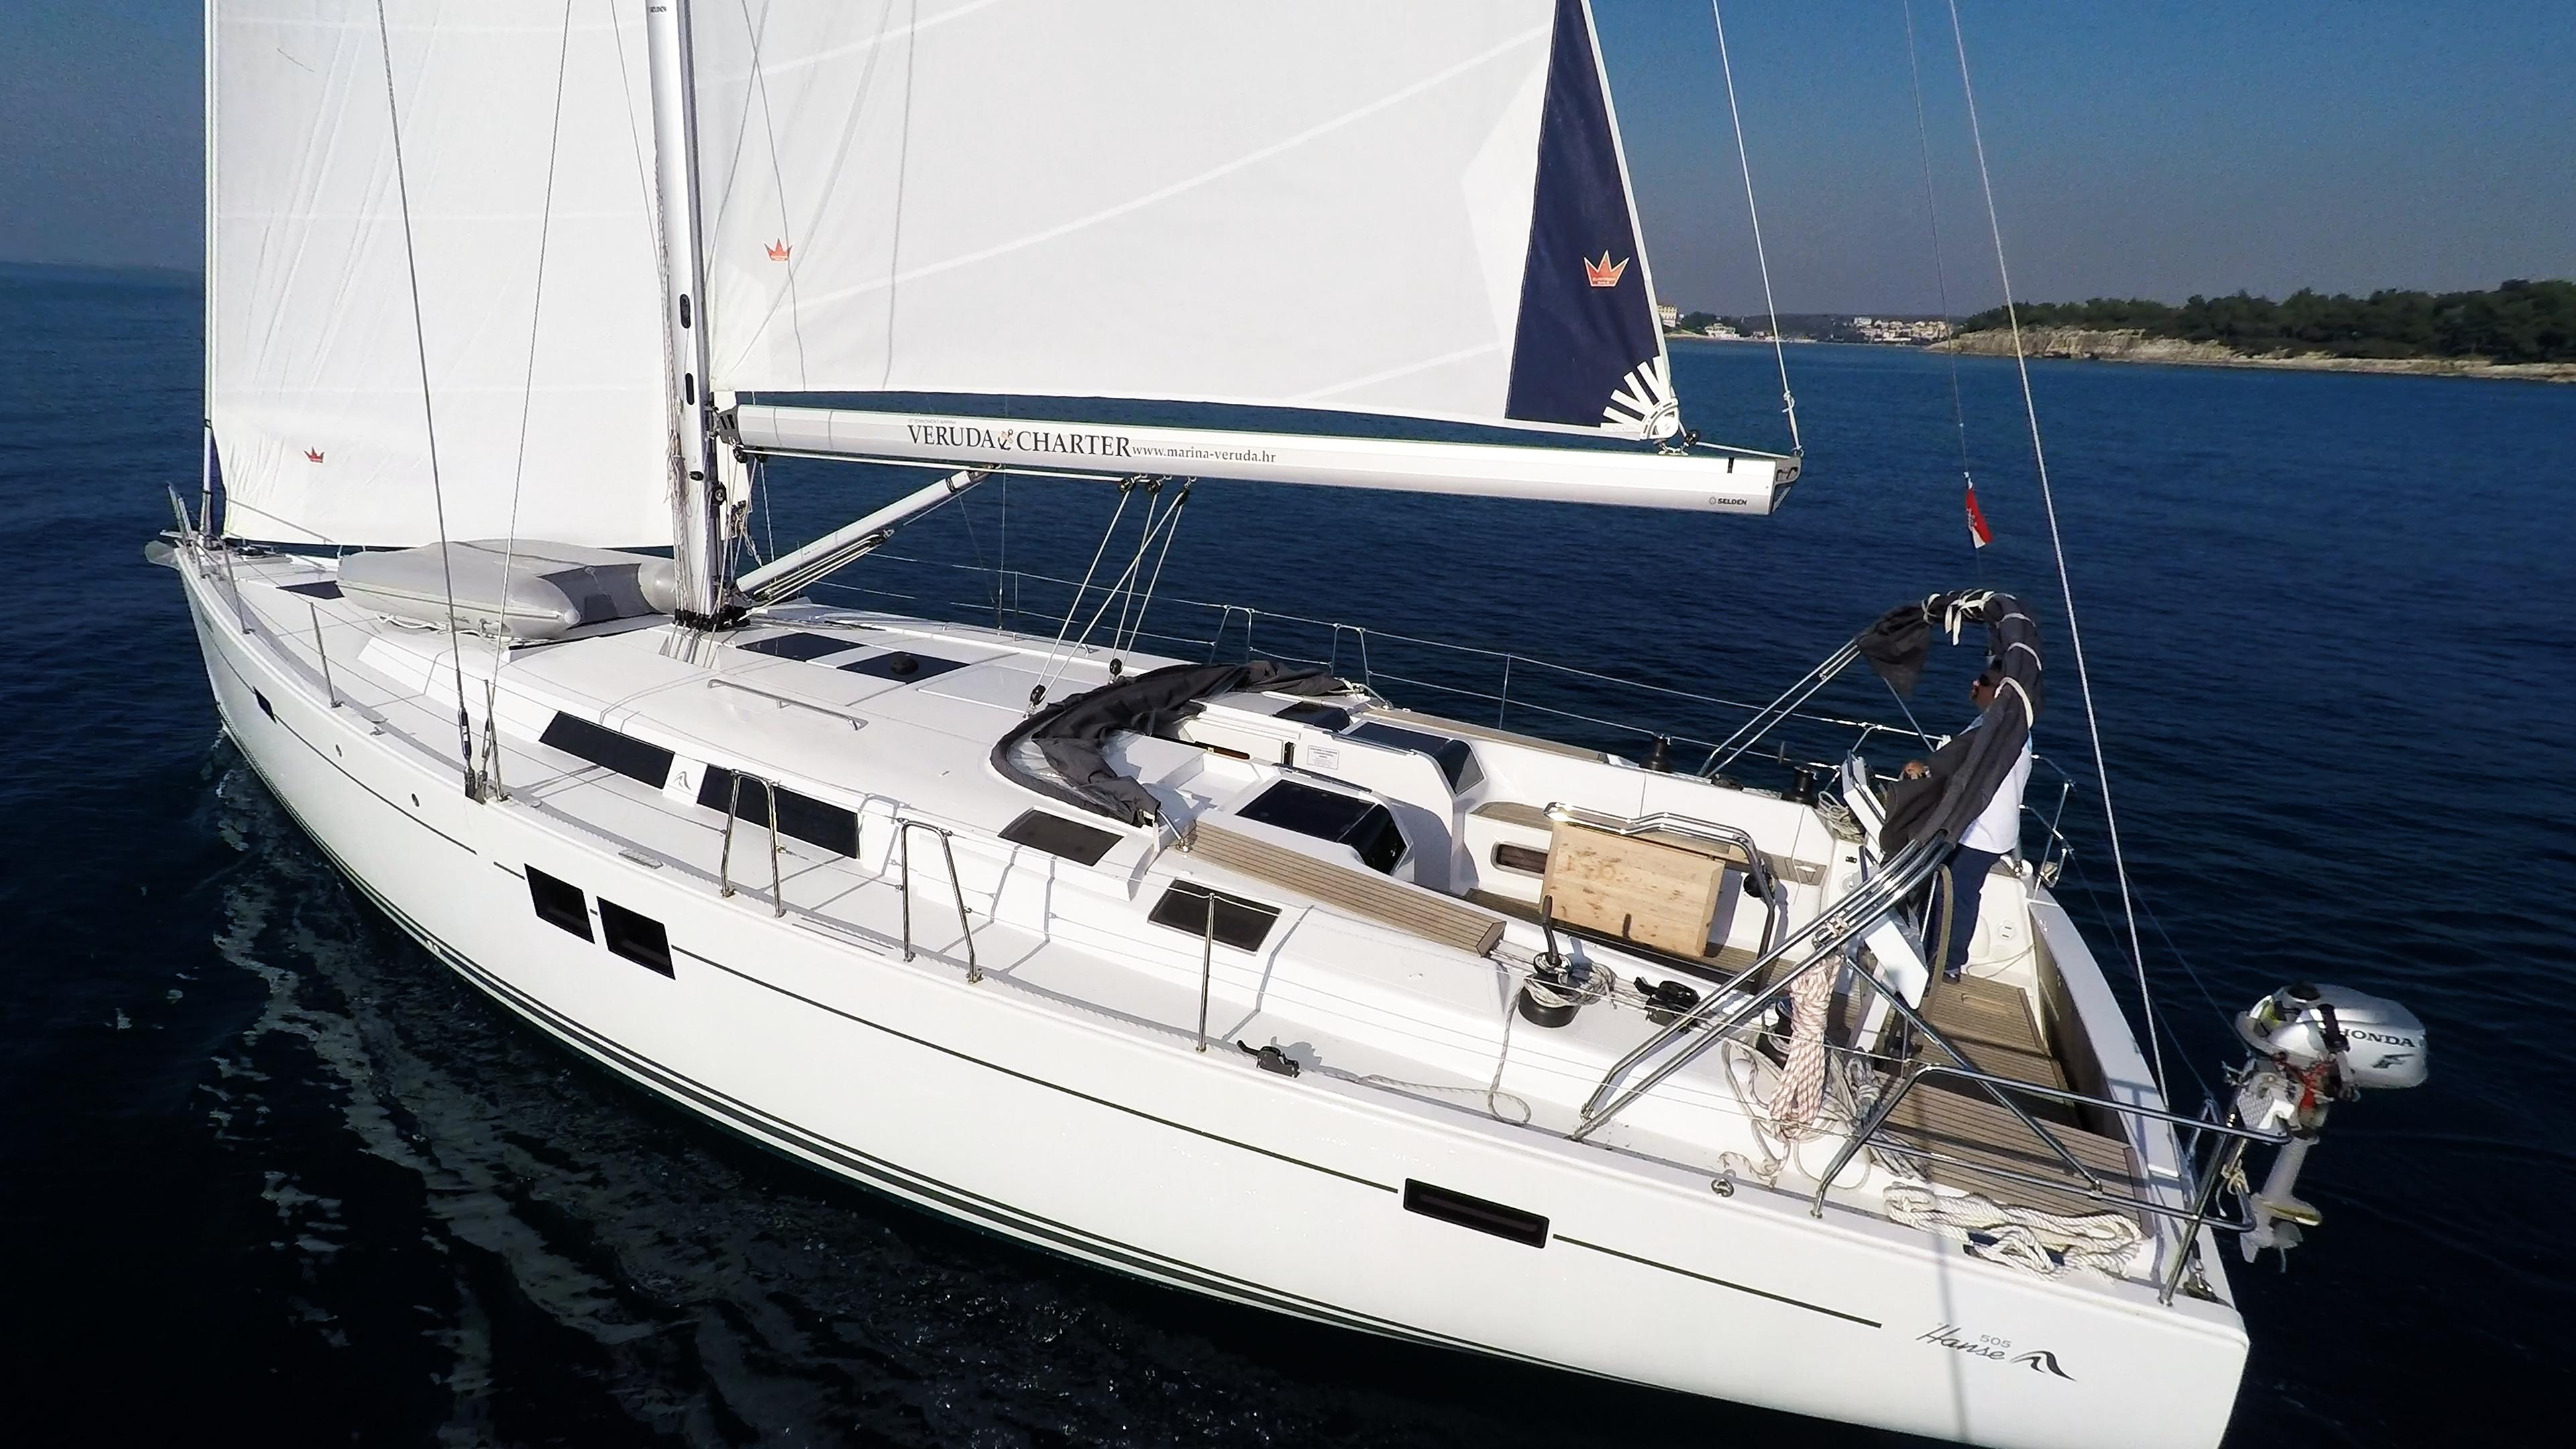 barcha a vela yacht a vela Hanse 505 scafo ponte pozzetto poppa timone